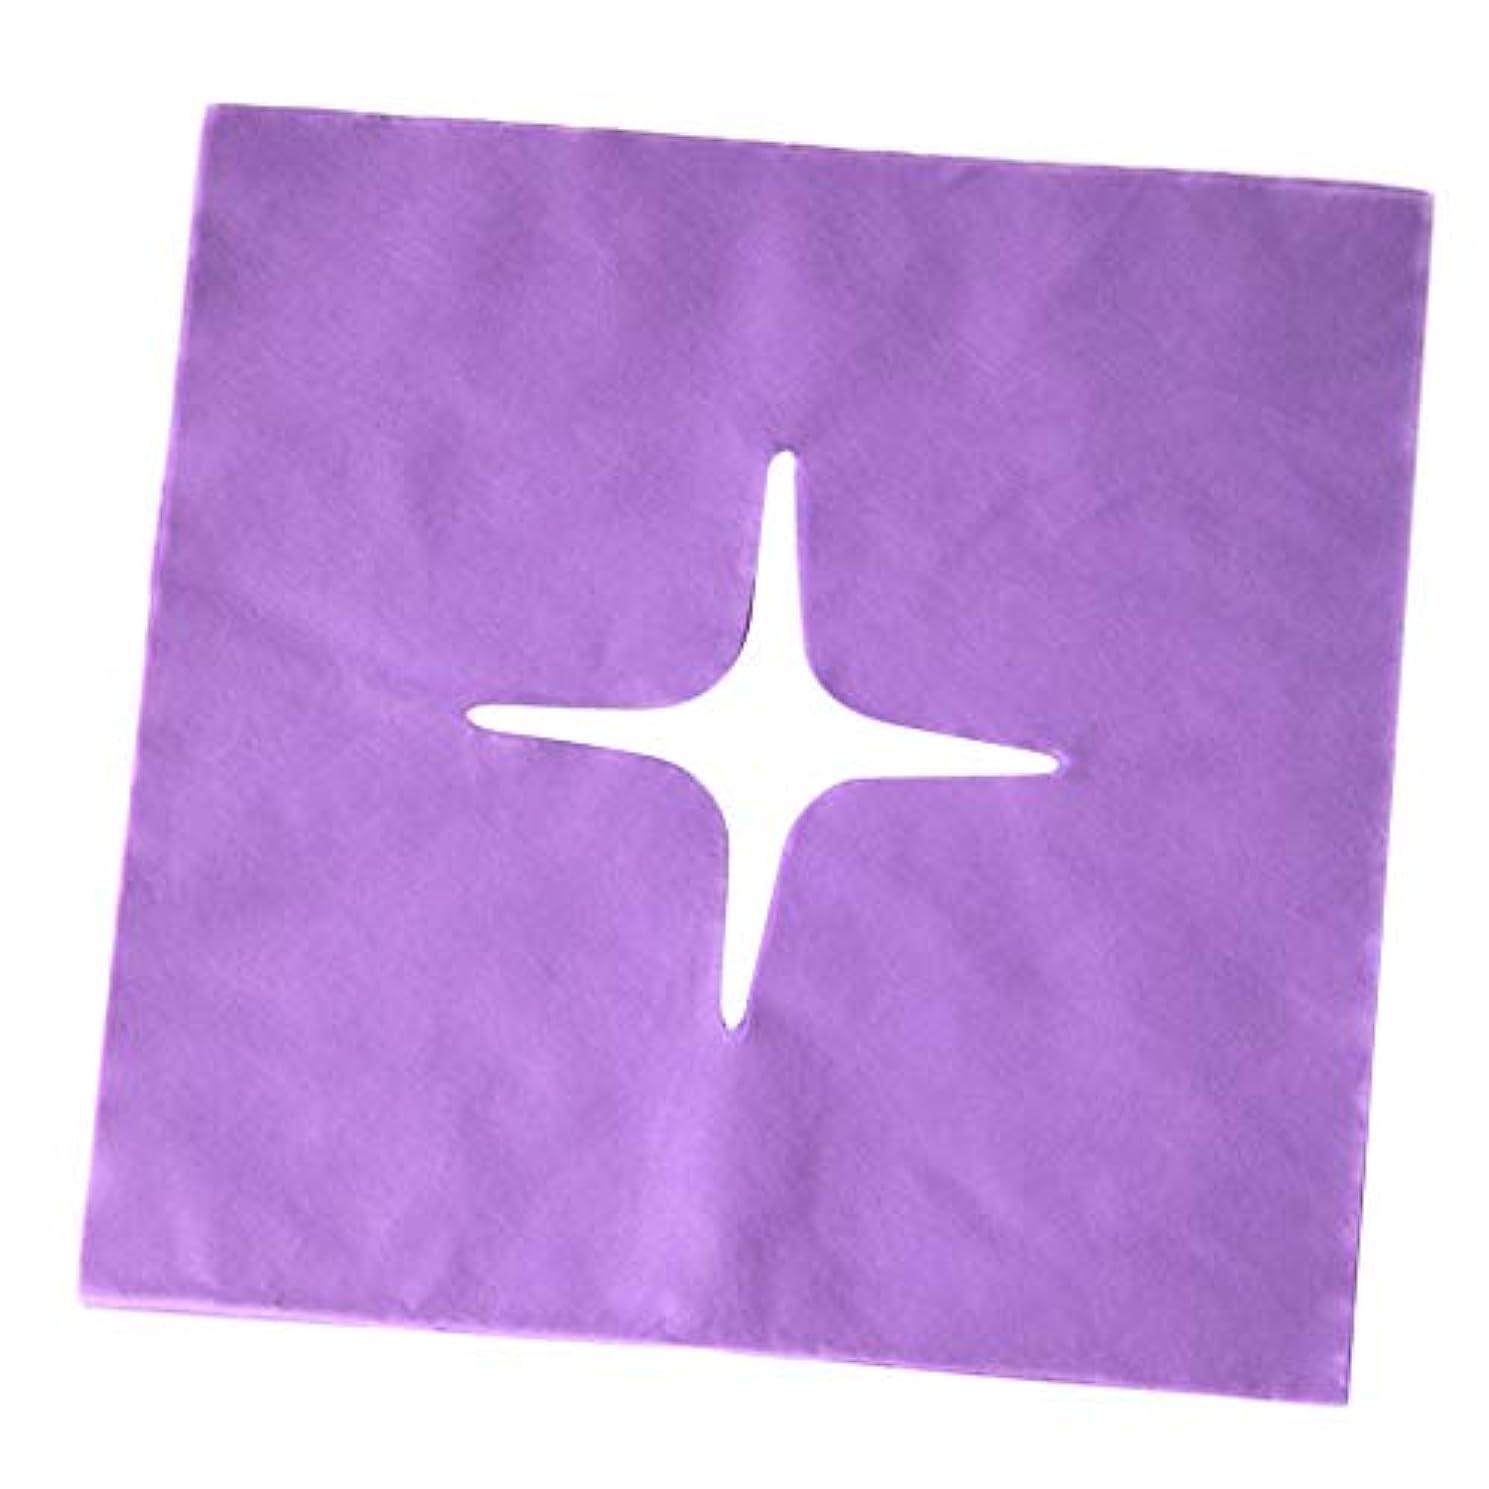 なす伸ばすルールマッサージ フェイスクレードルカバー スパ用 美容院 ビューティーサロン マッサージサロン 全3色 - 紫の